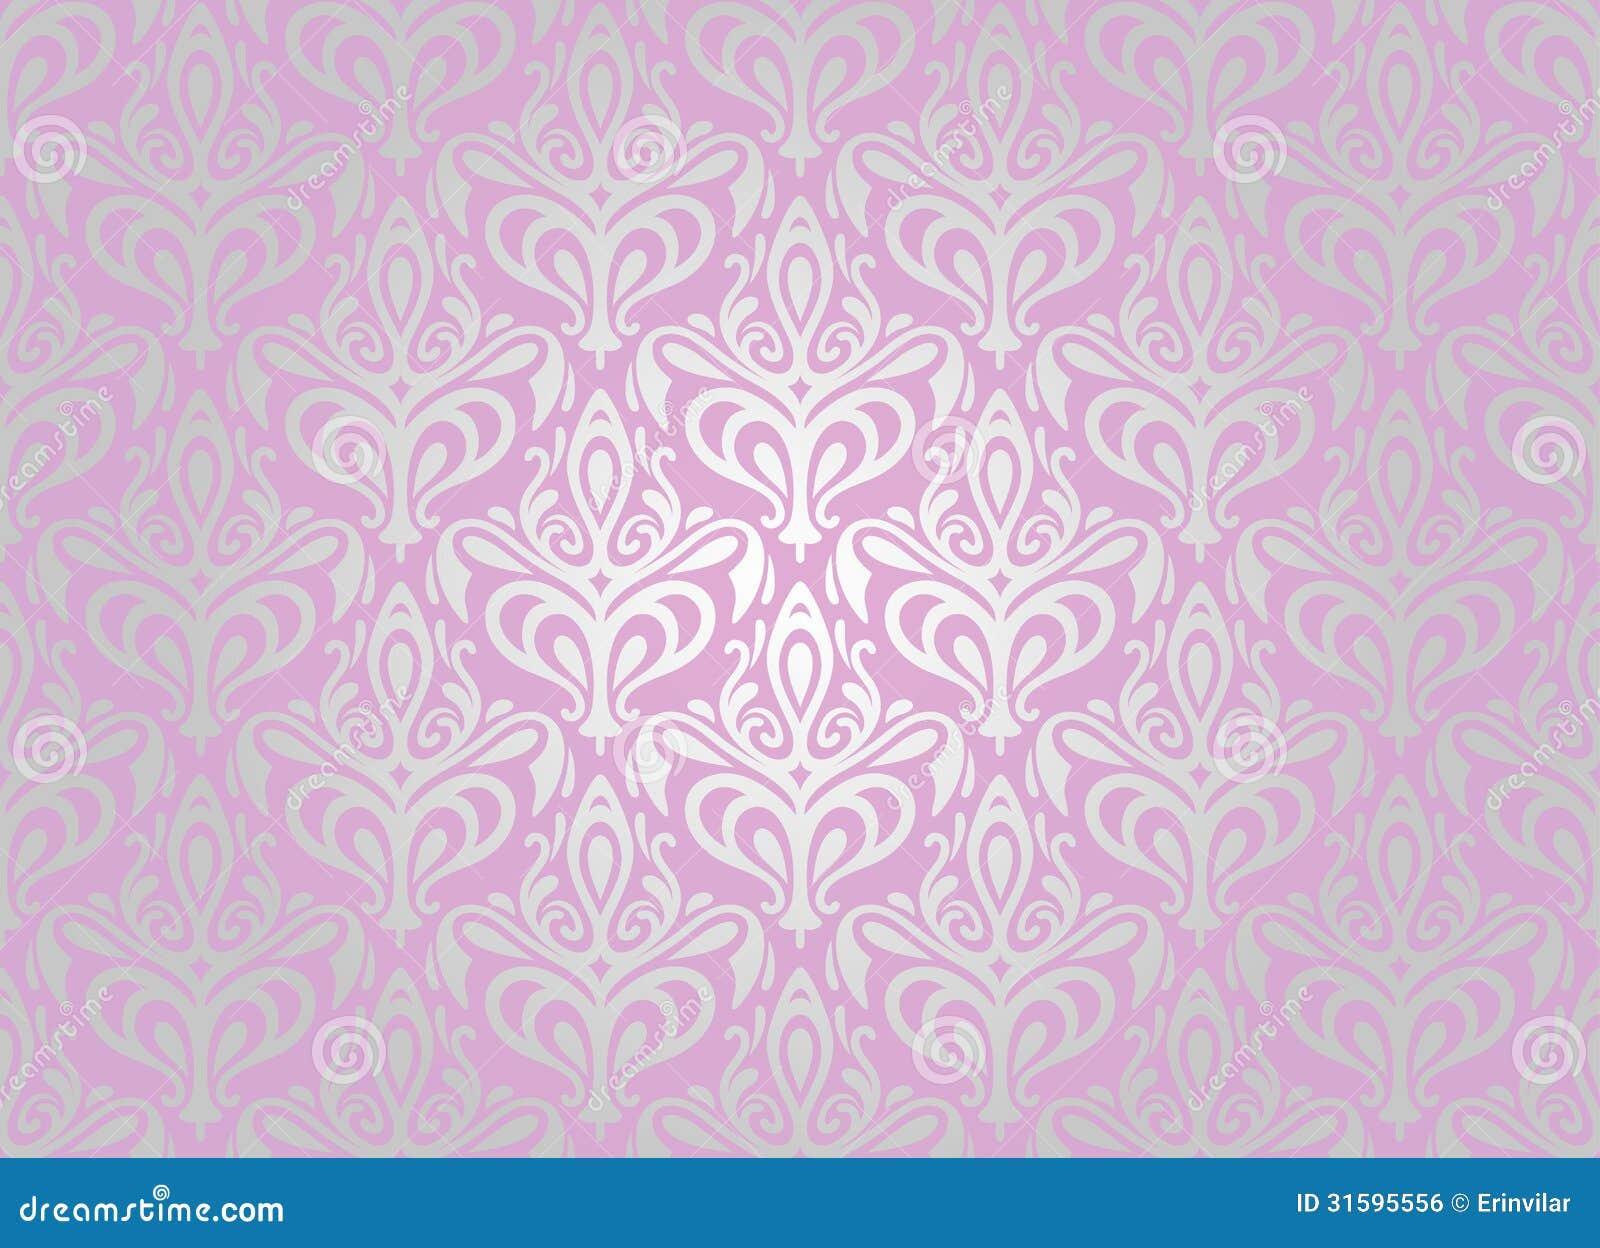 Papier peint rose et argent image libre de droits image 31595556 - Papier peint noir et argent ...